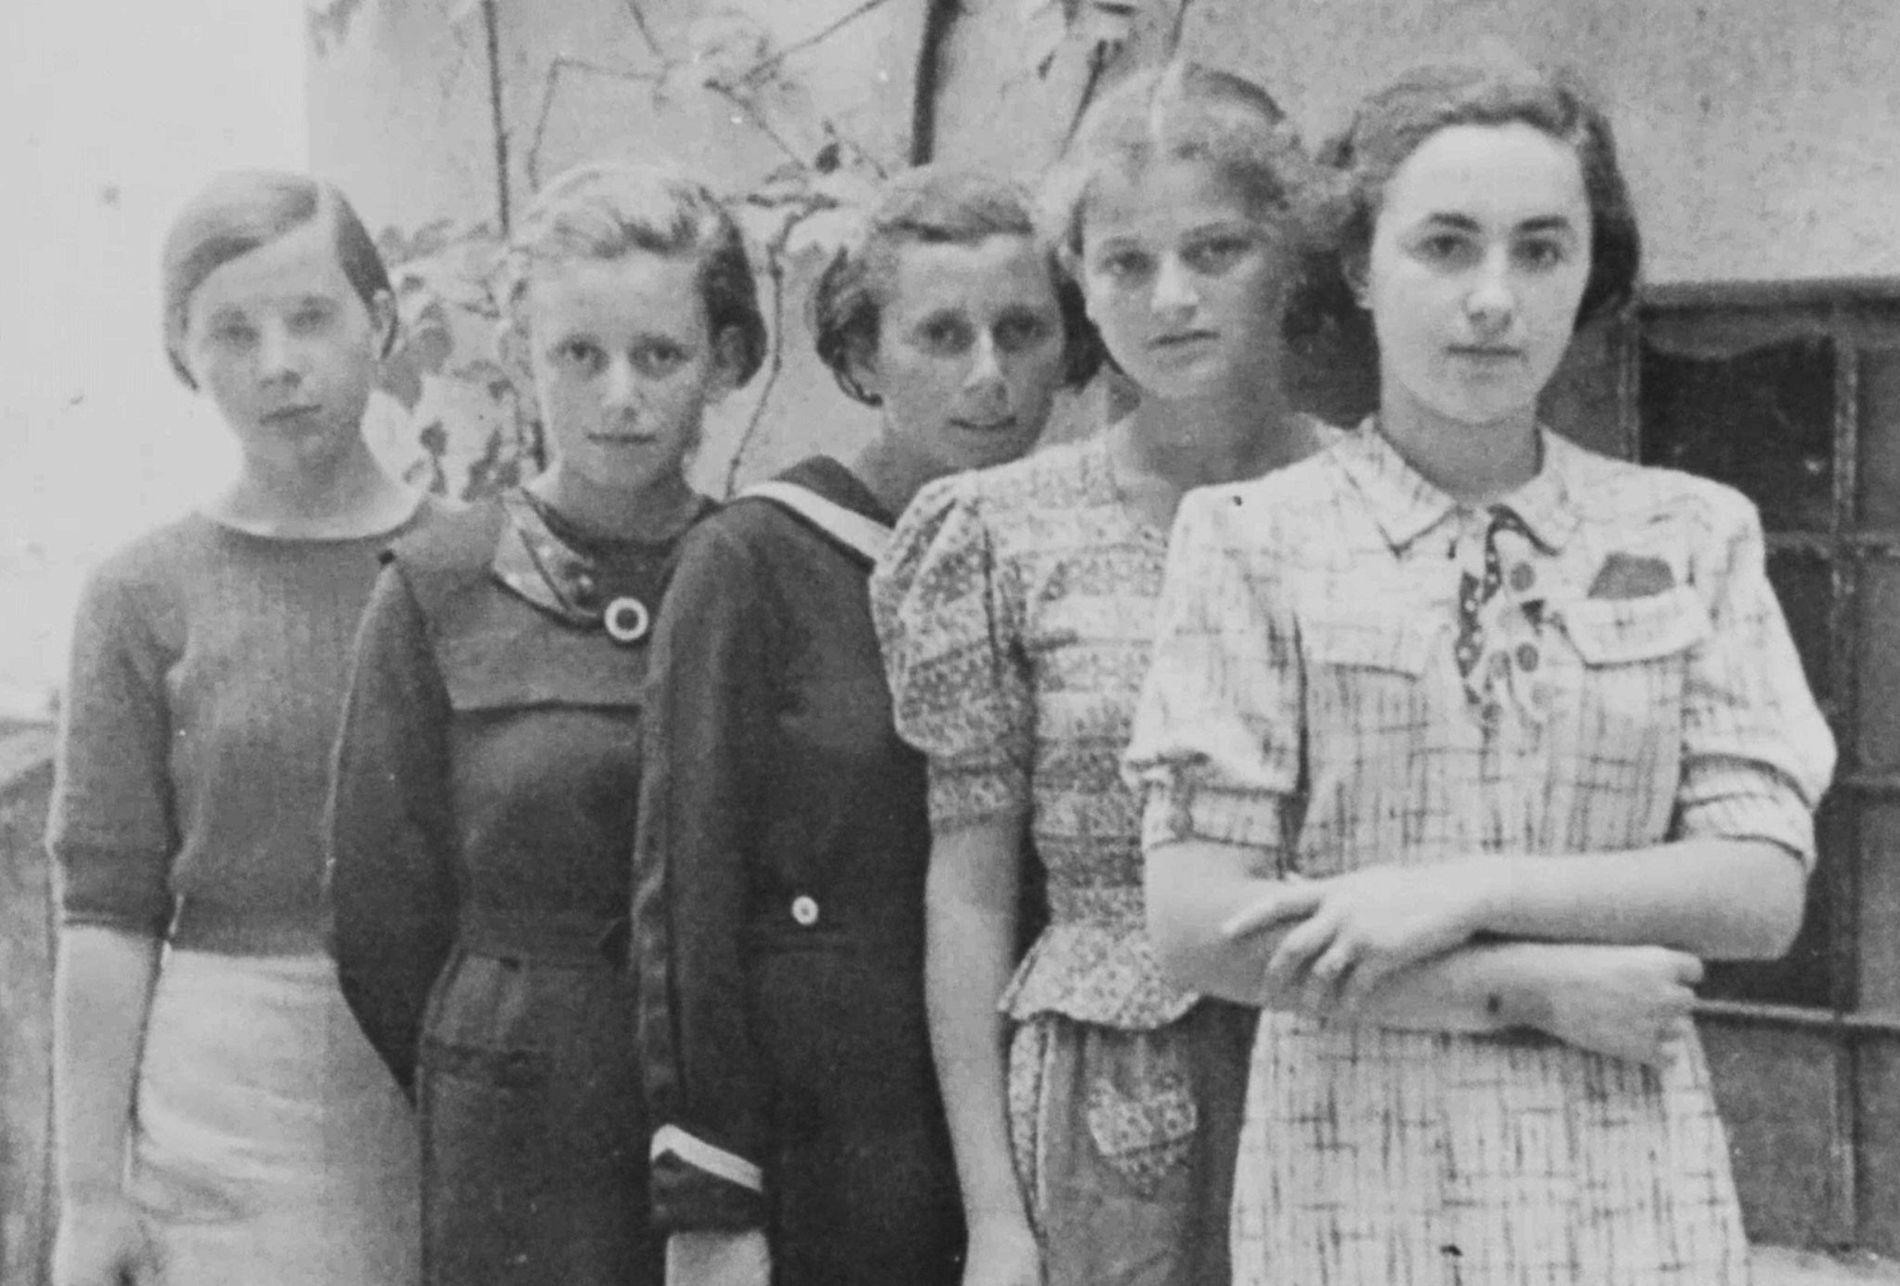 Se sabe que dos de las cinco chicas en esta fotografía, tomadas en Humenné, Eslovaquia, alrededor ...